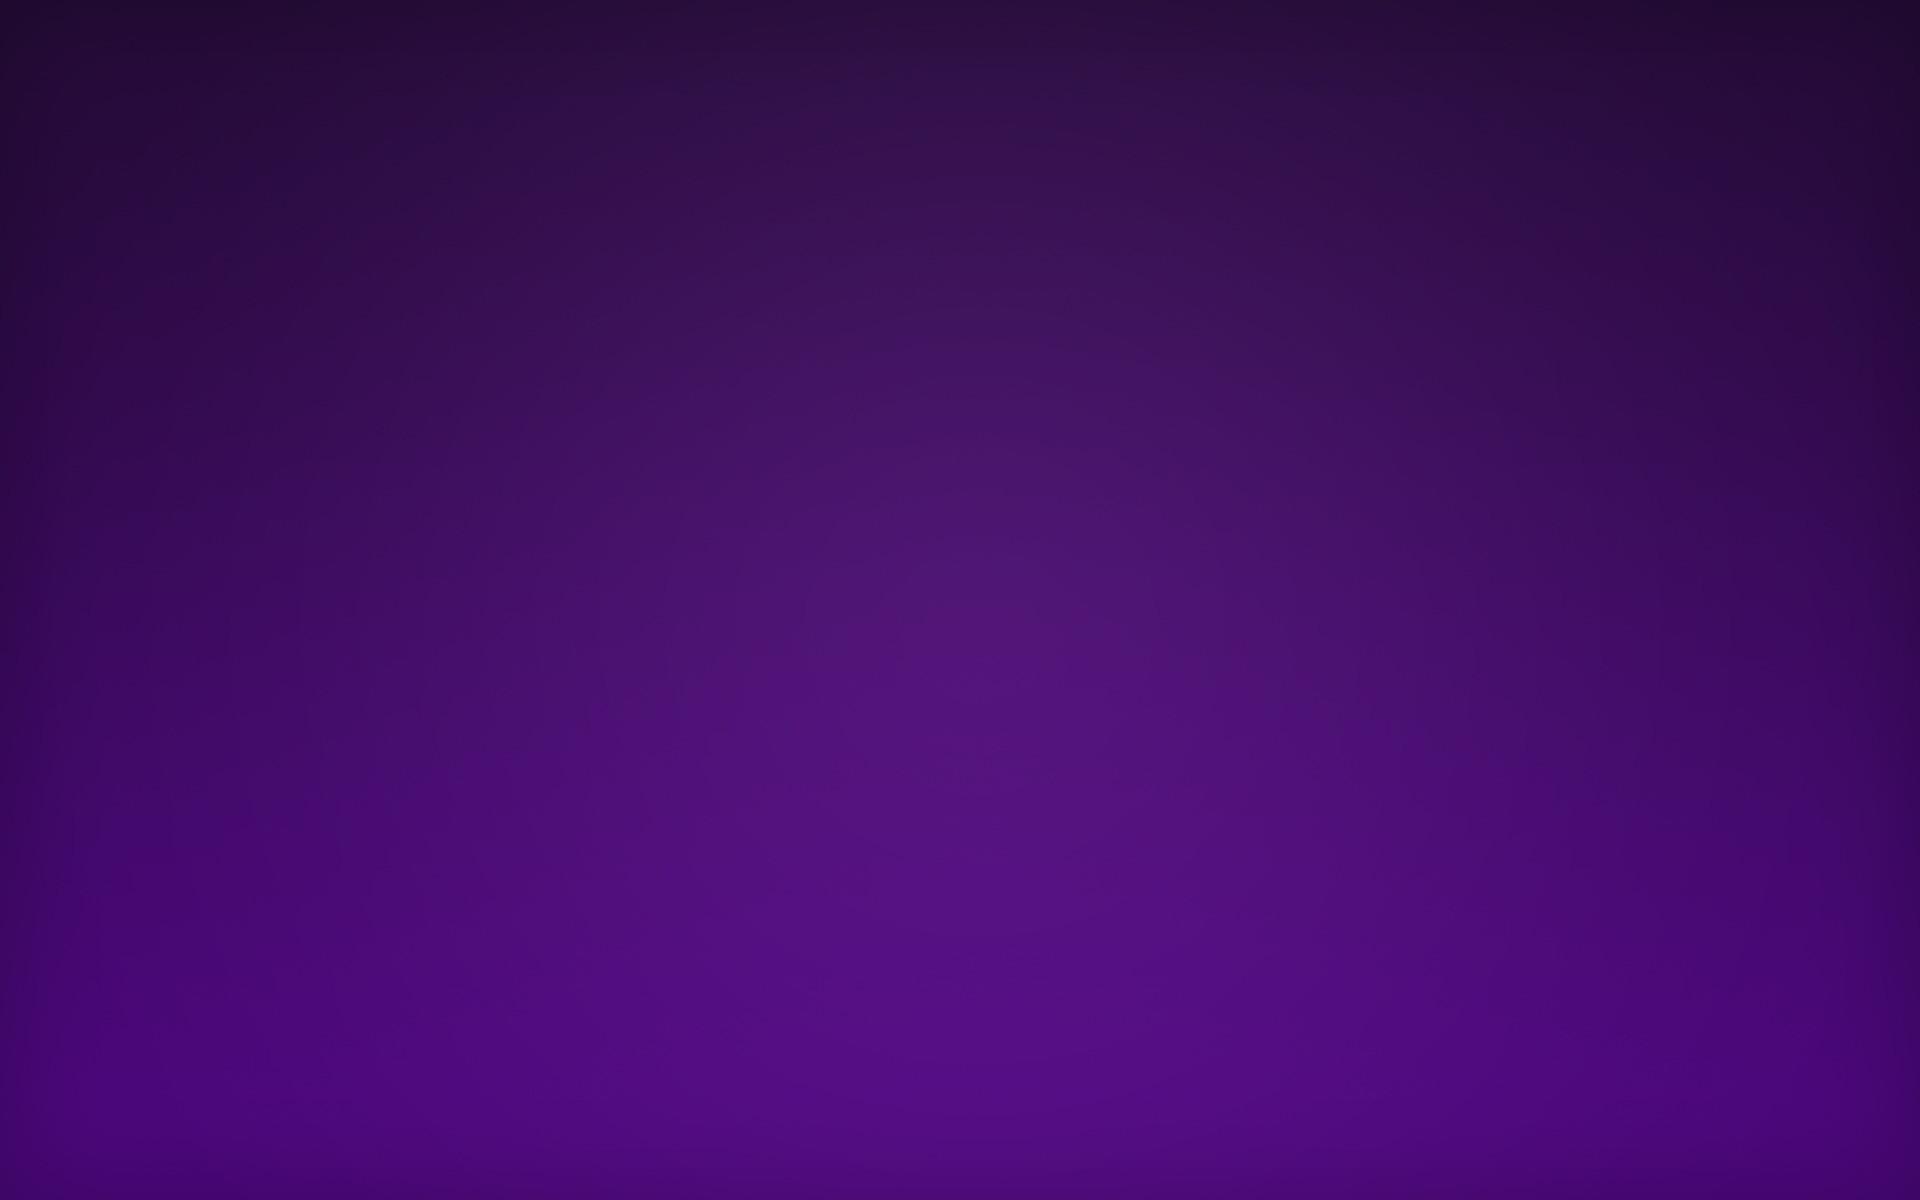 Plain Wallpaper For Desktop Purple 58 Images